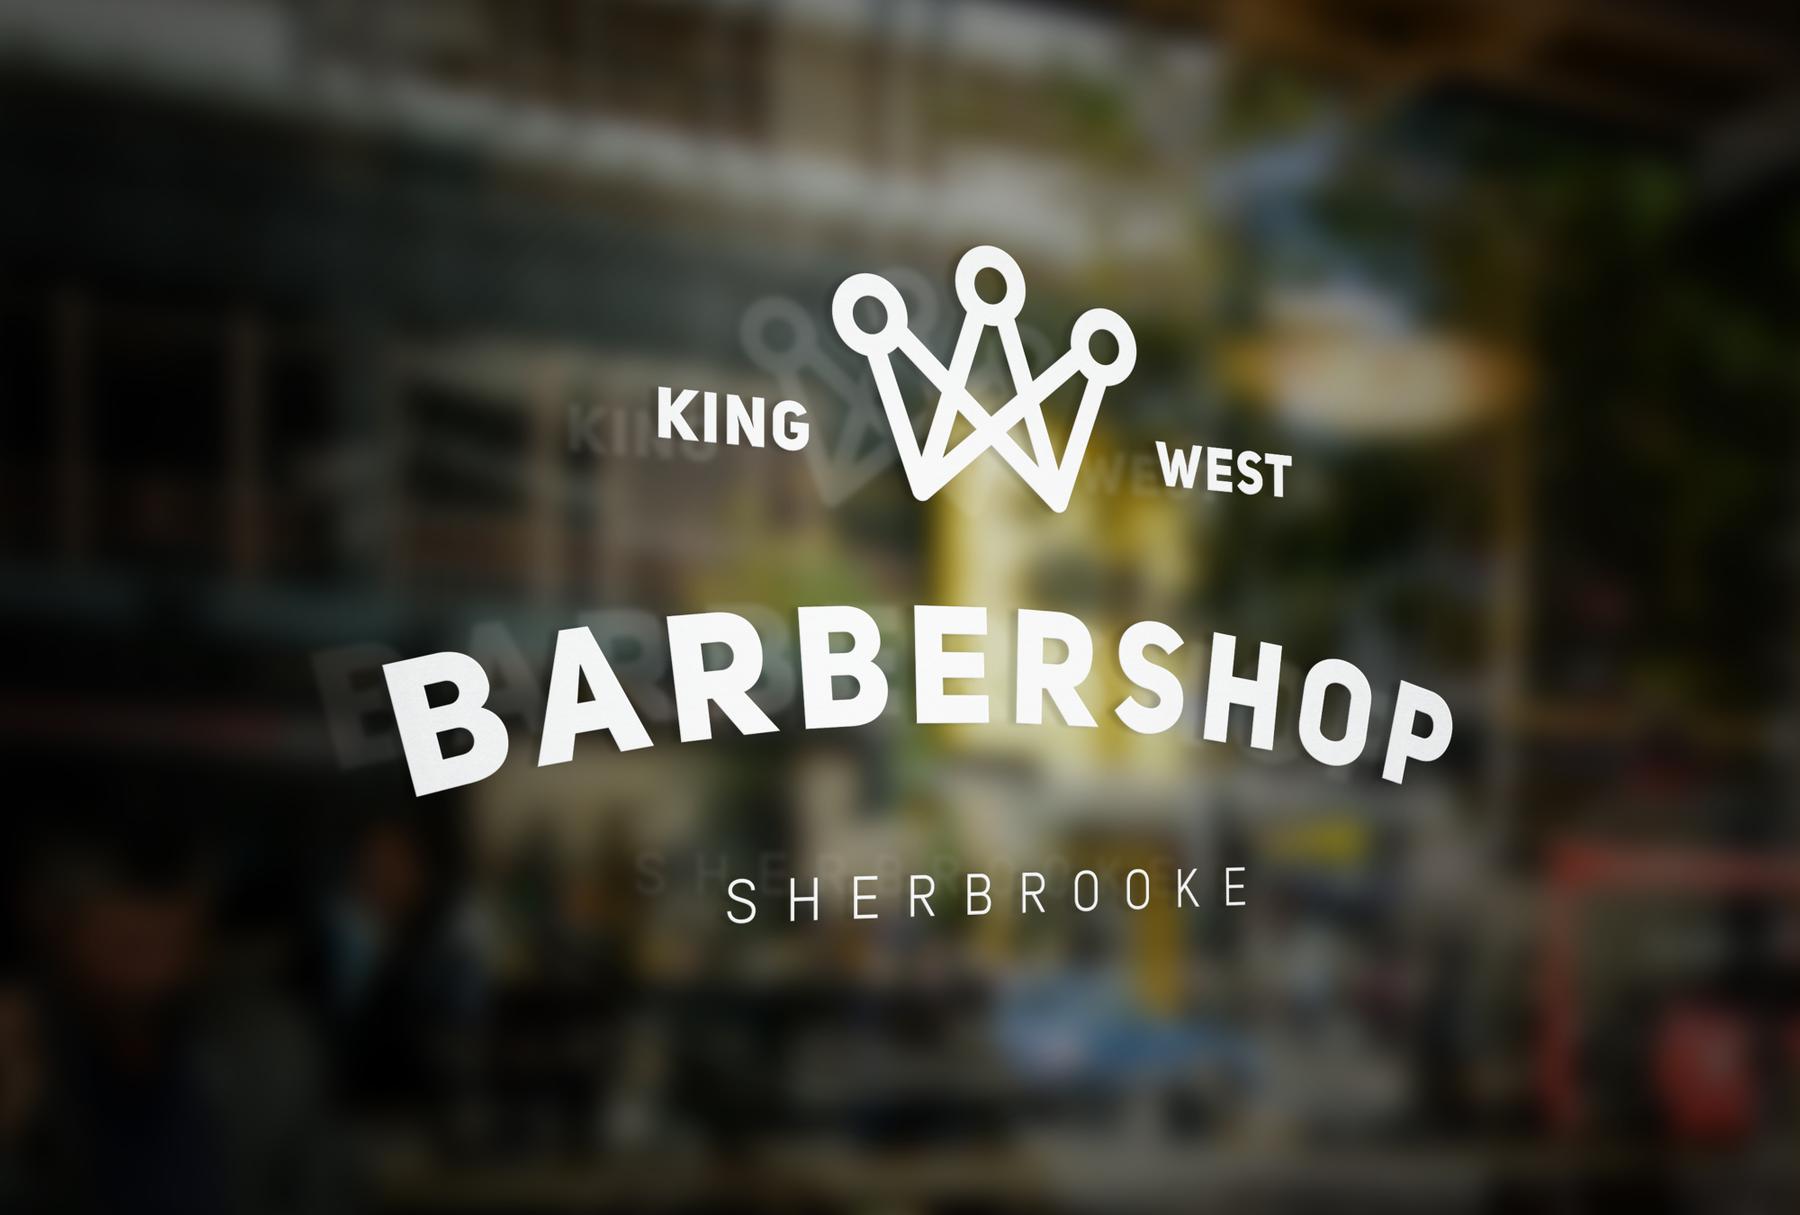 barber shop logo vitrine